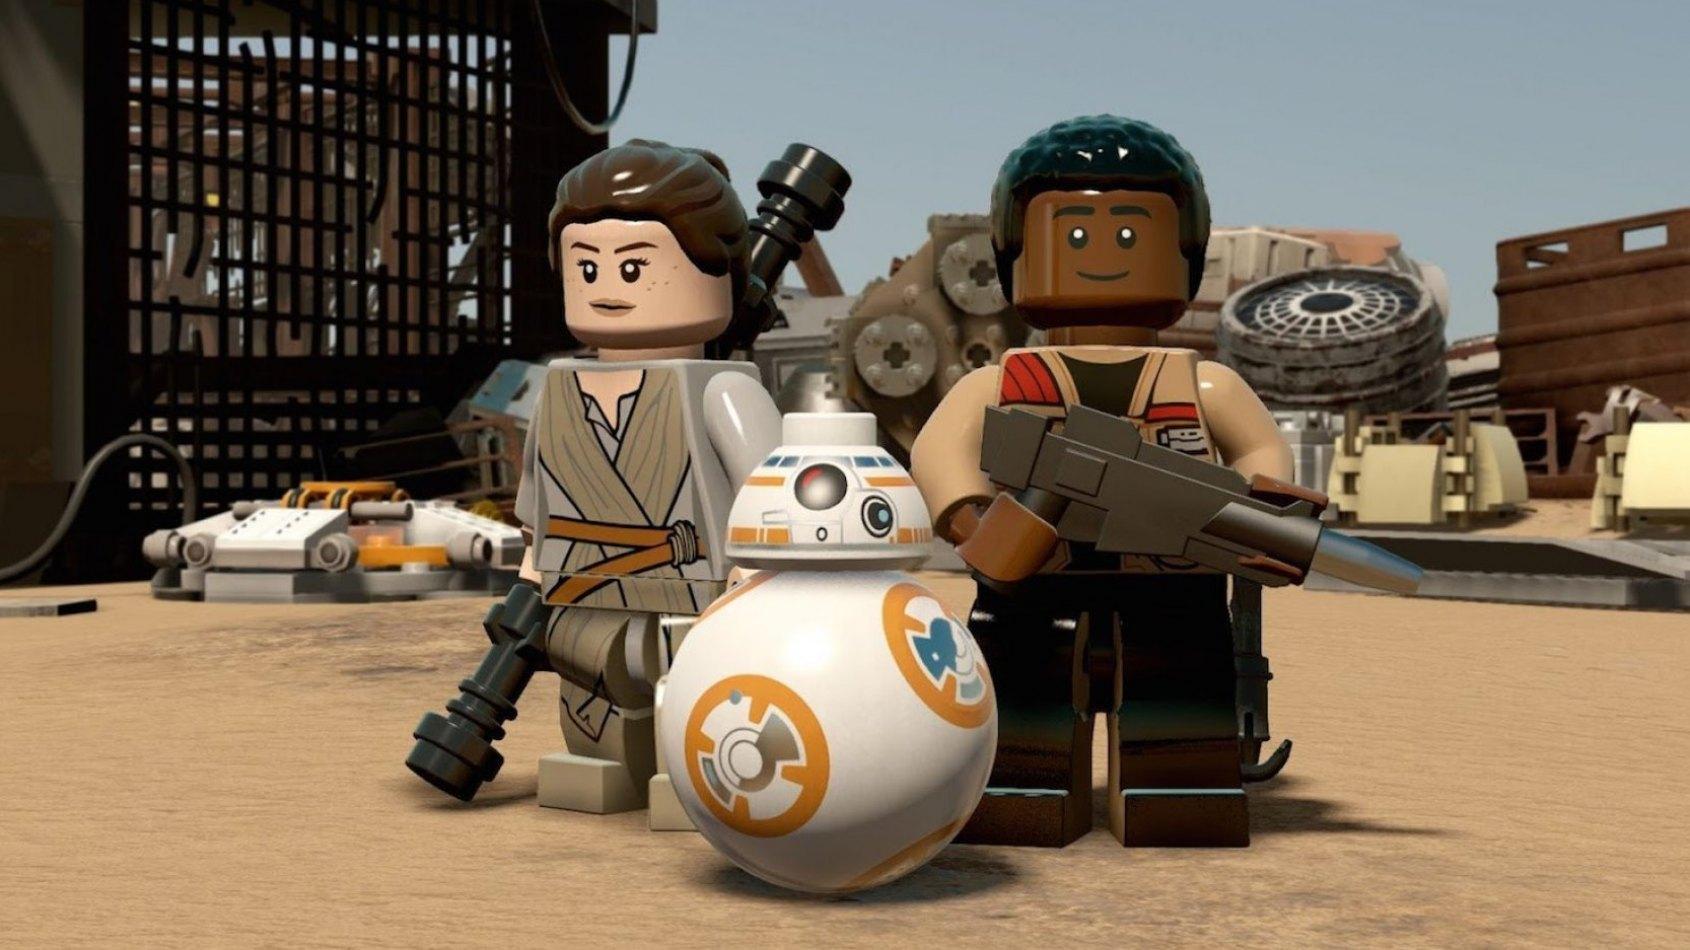 Un nouveau trailer d�di� � Finn pour le prochain jeu-vid�o Lego